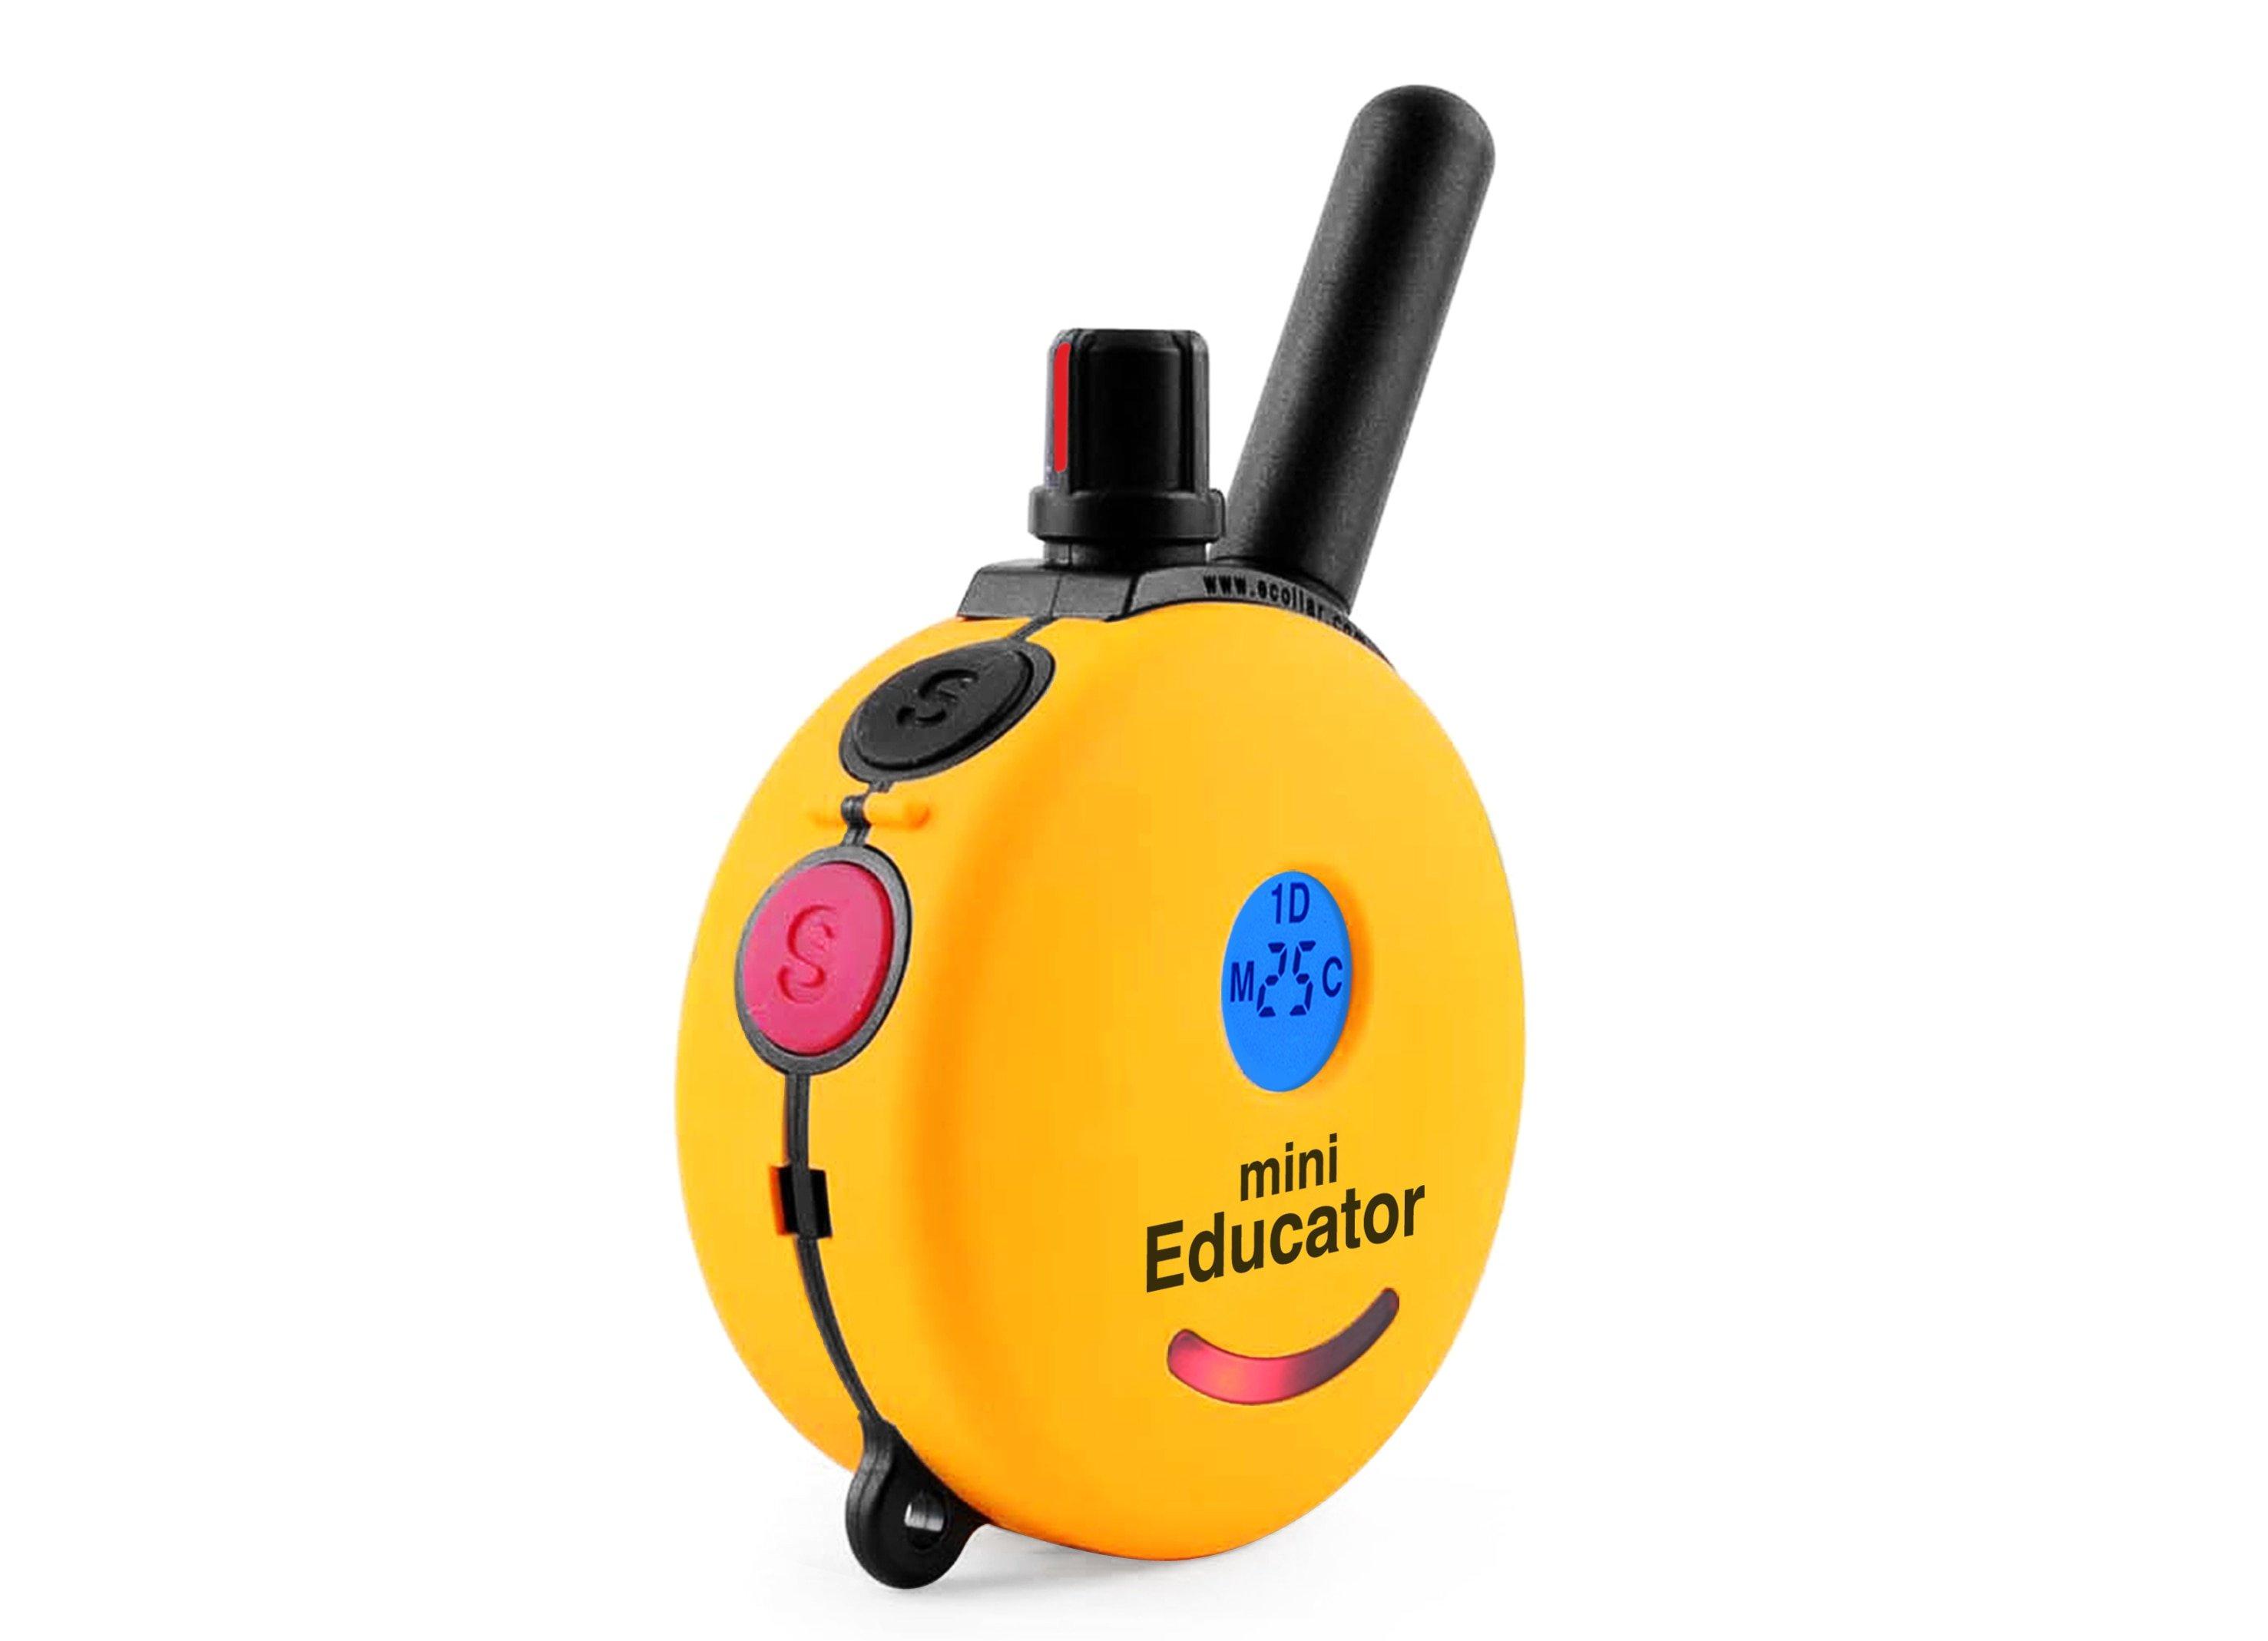 Et300 Collar Mini Educator 700m Remote Dog Trainer Dog